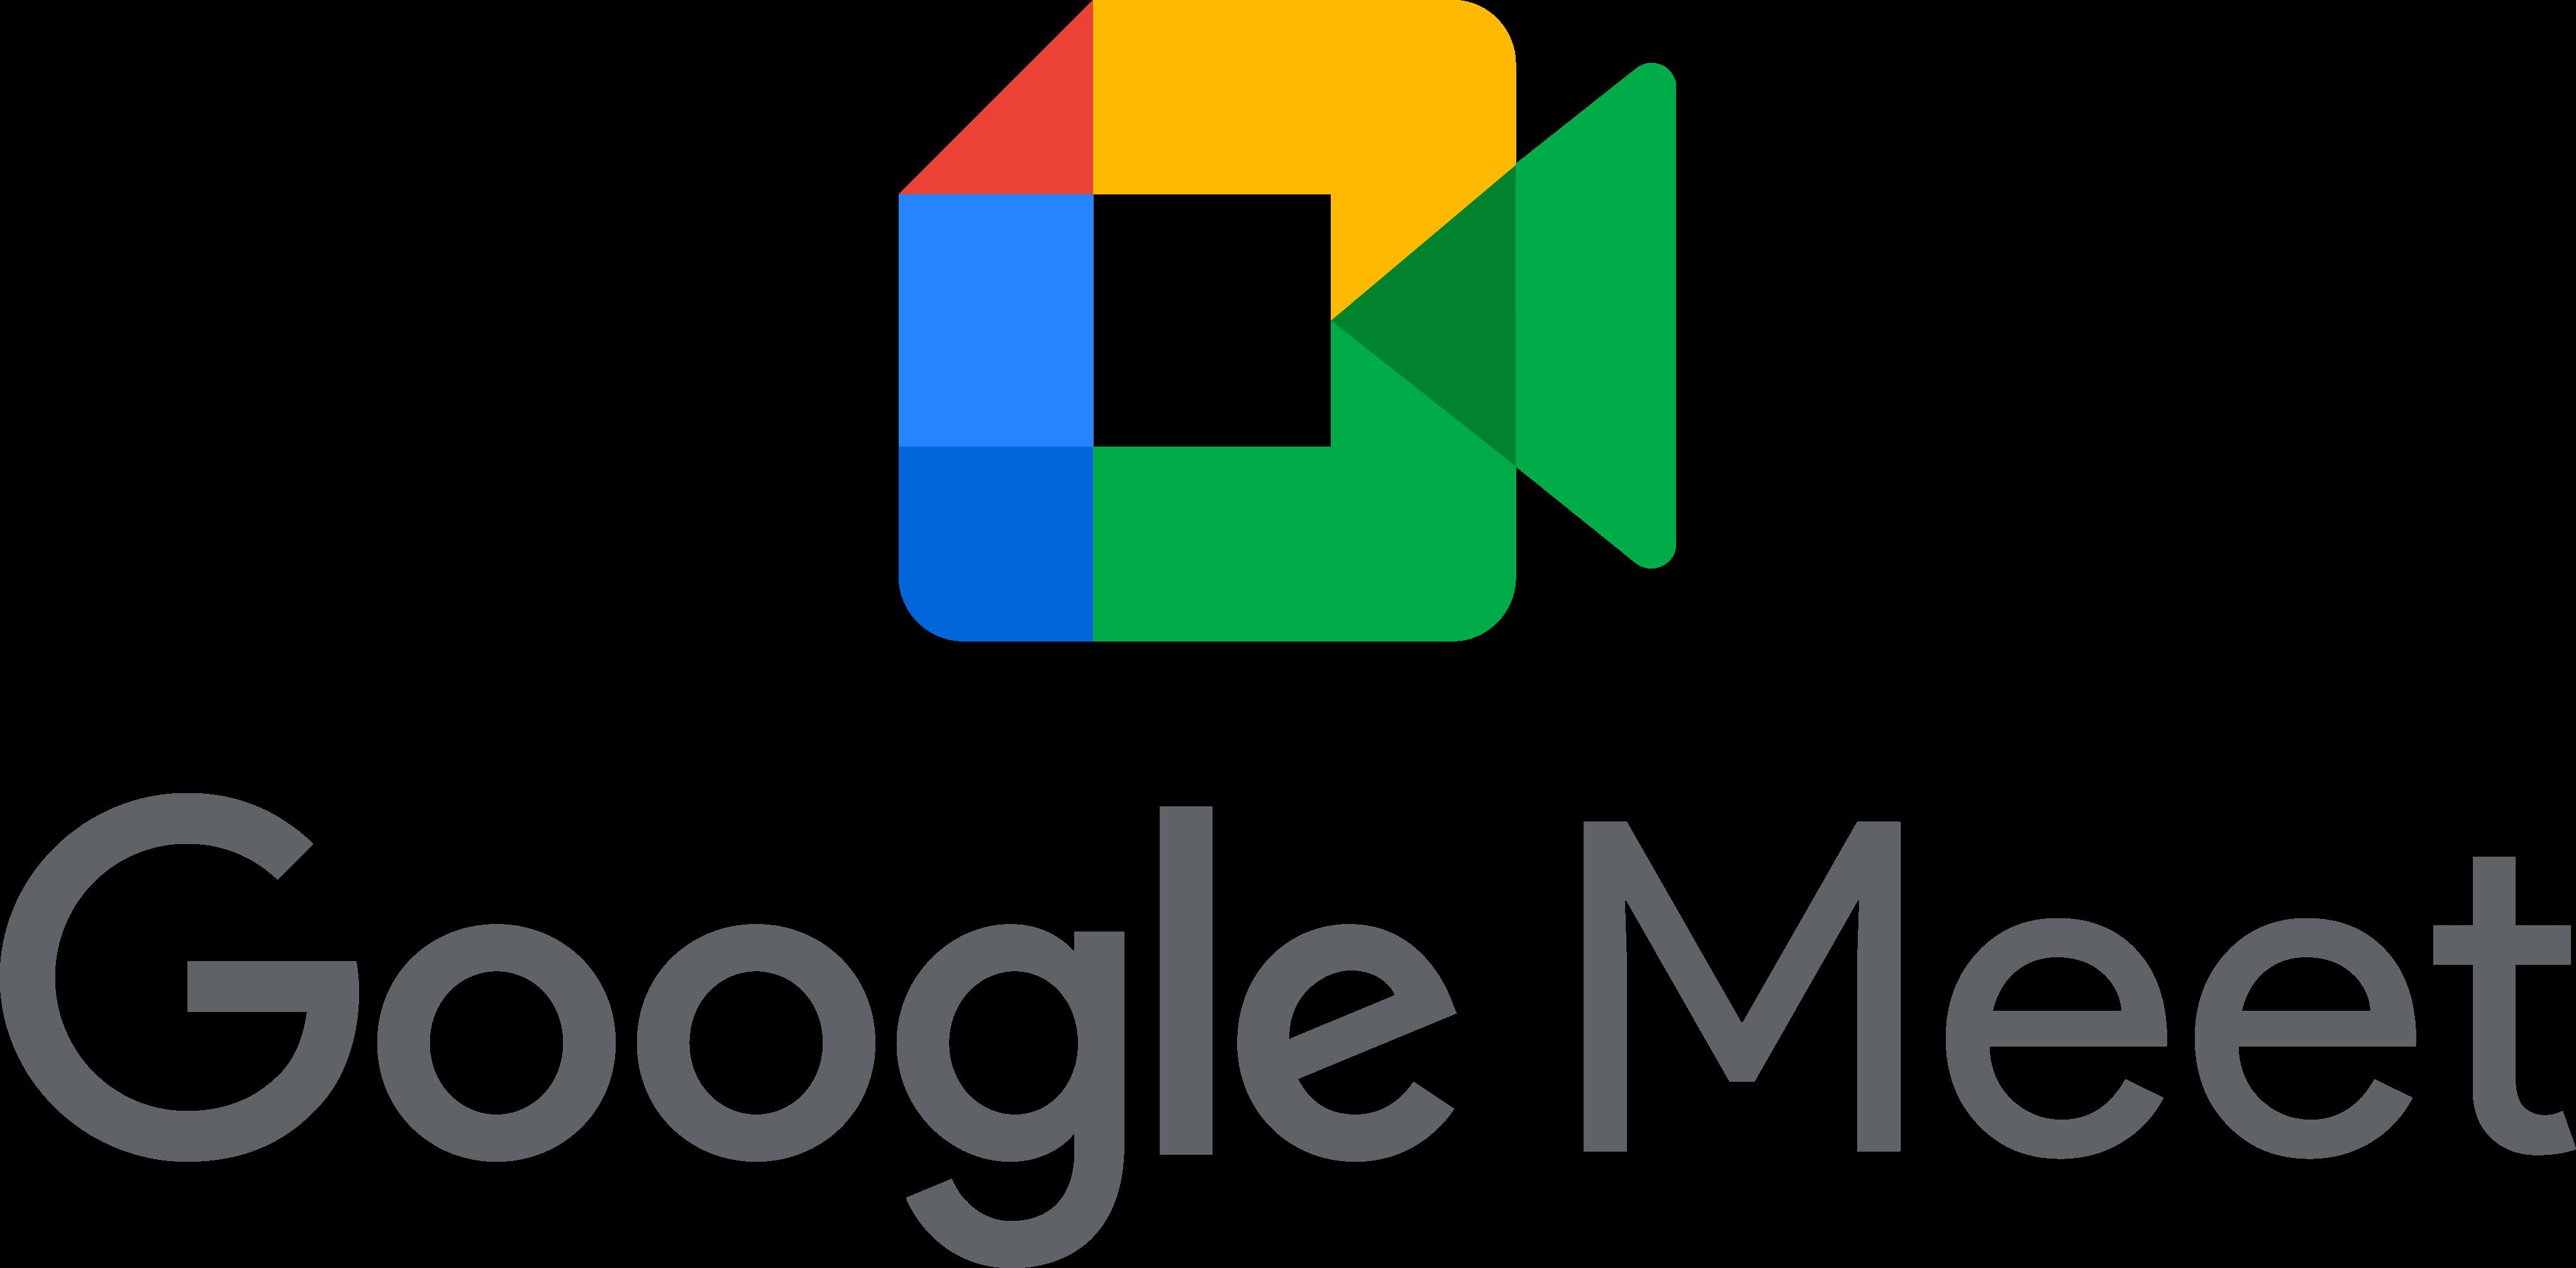 google meet logo 1 - Google Meet Logo